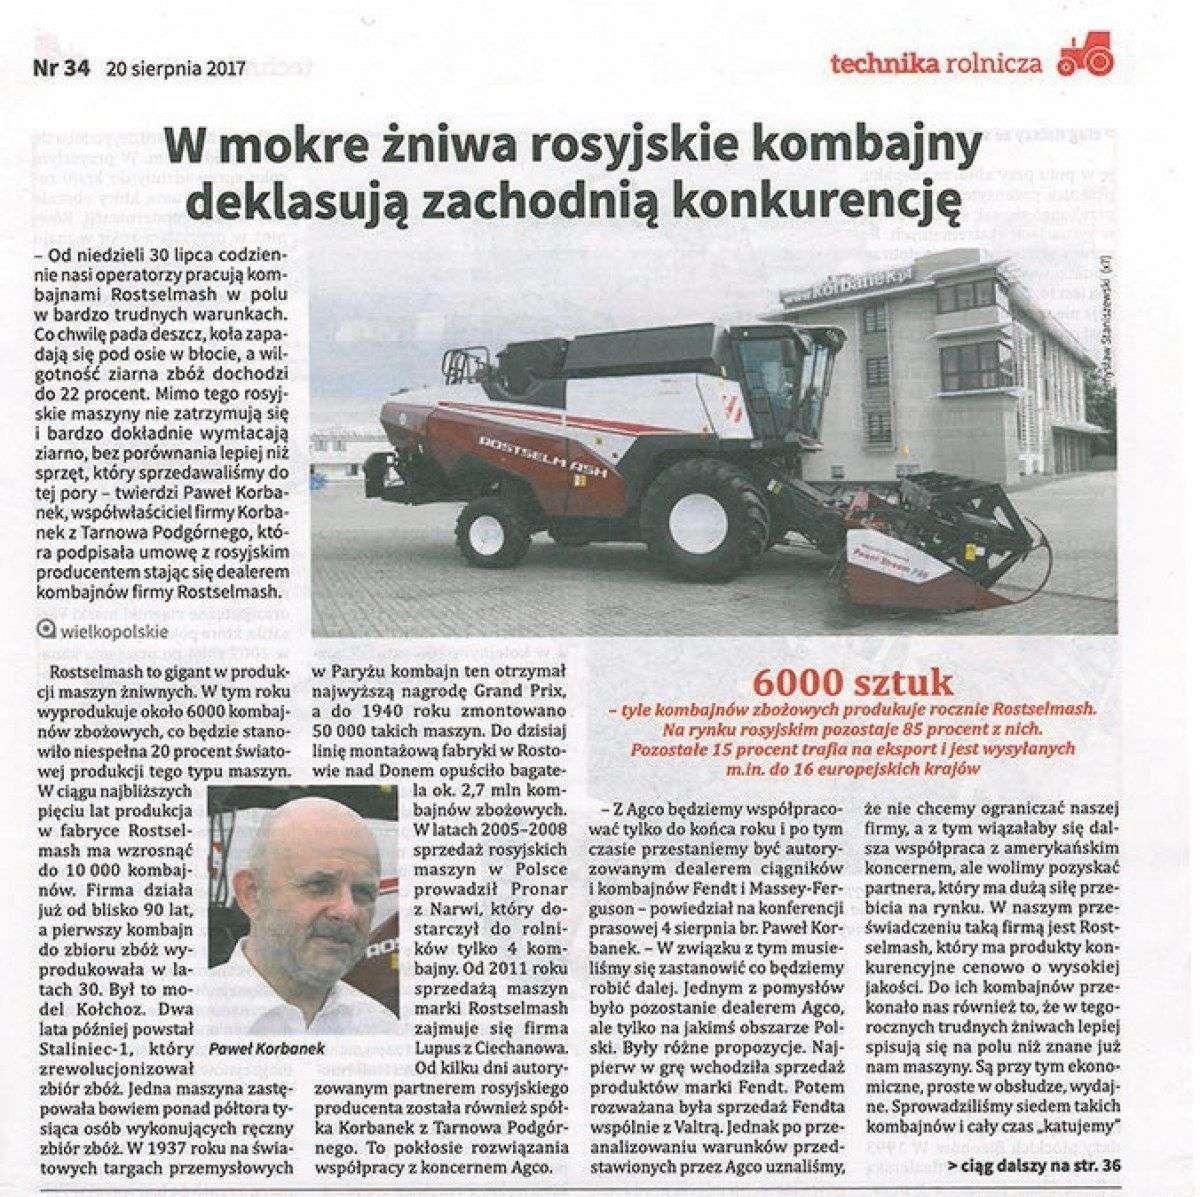 artykuł prasowy o mokrych żniwach i kombajnach Rostselmash korbanek.pl